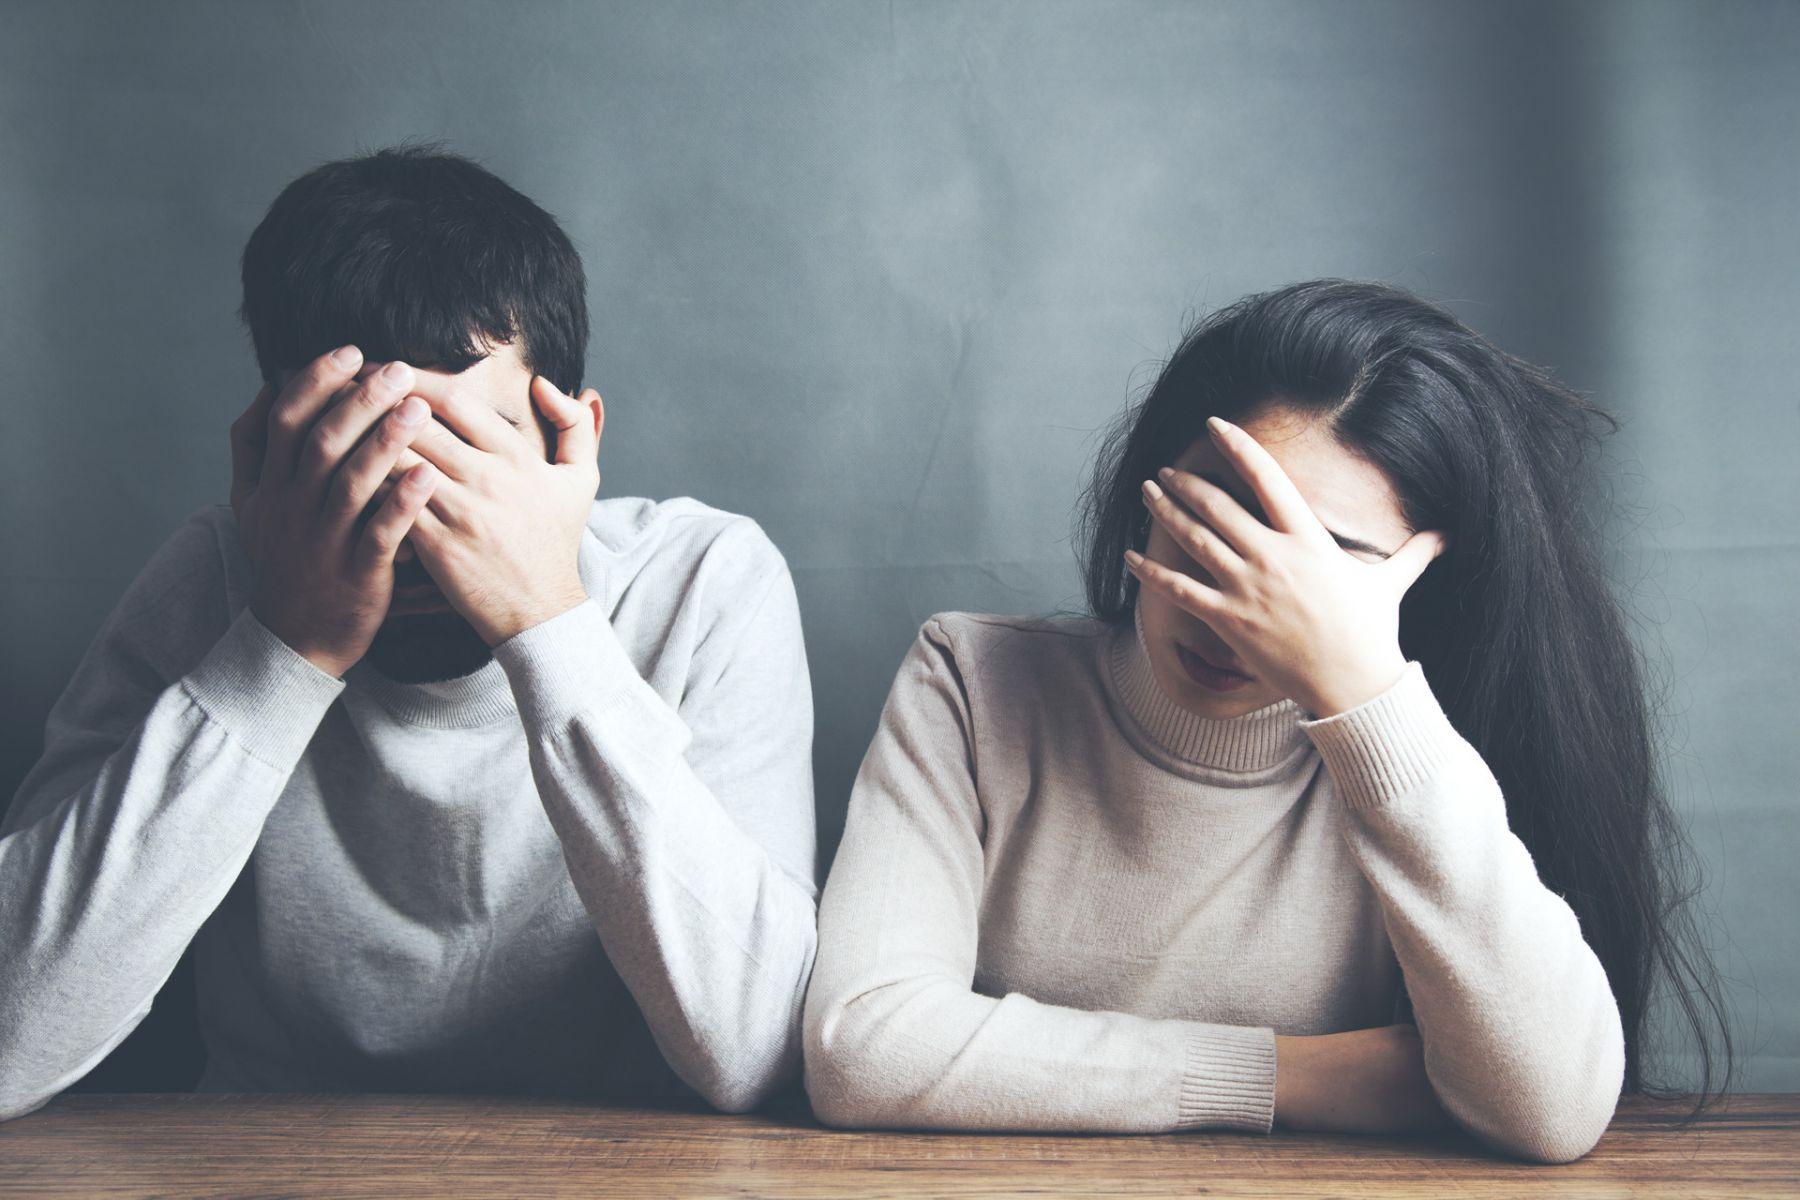 空姐與醫生結婚12年,離婚後沒有贍養費...不論多麼幸福,女人要守住工作